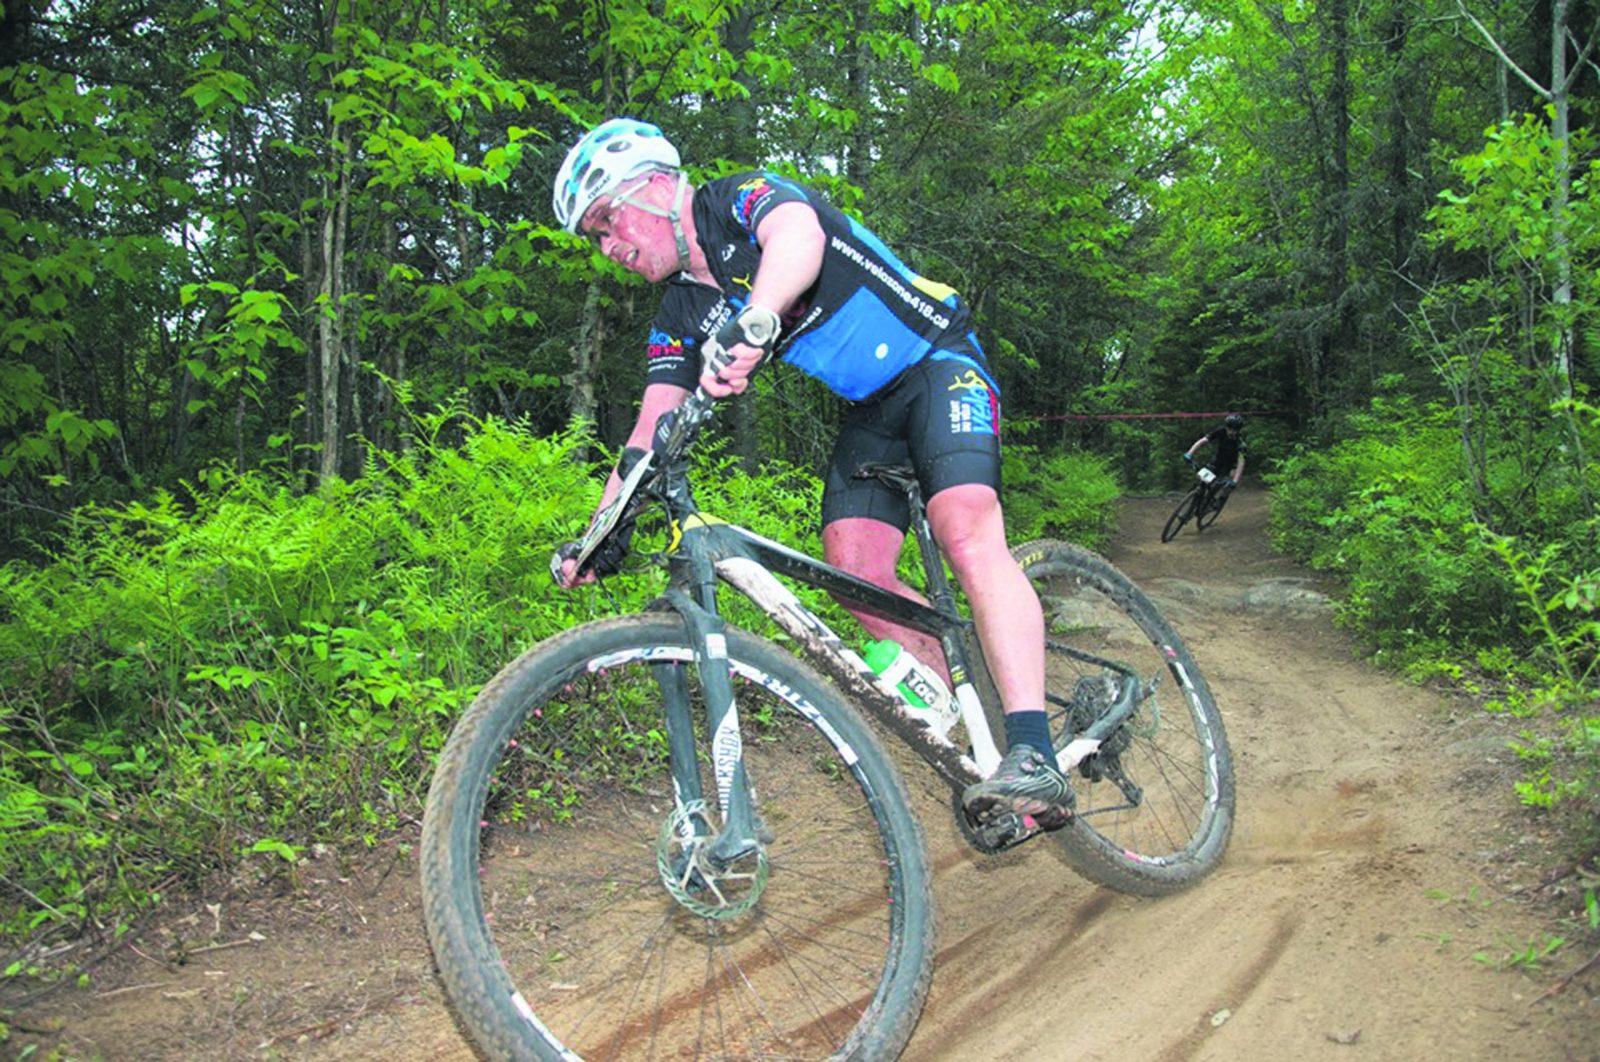 Vélo de montagne : Marc Plante se faufile de justesse